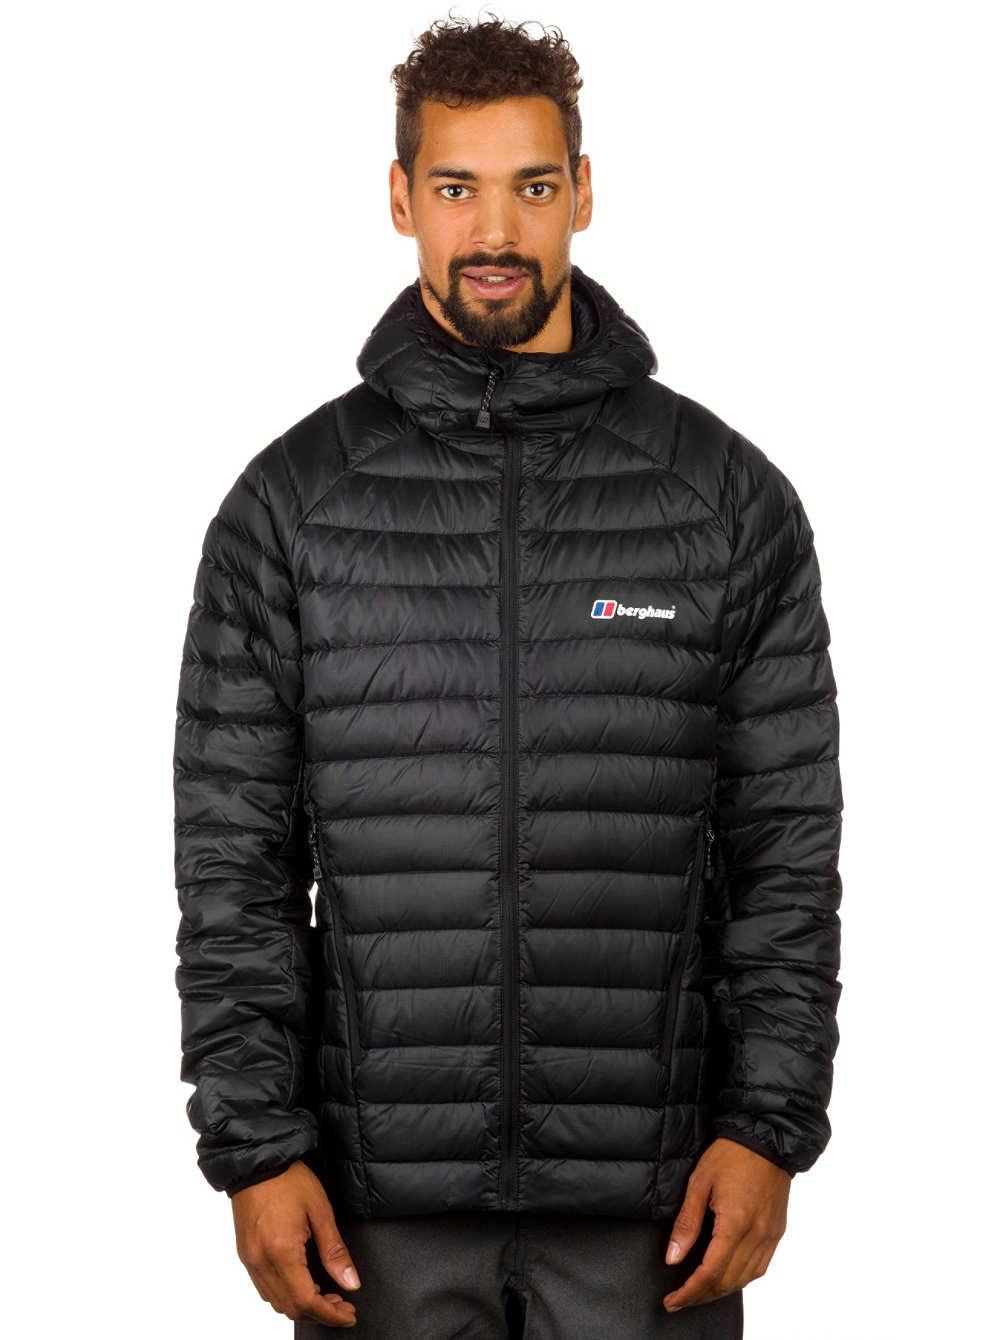 Herren Snowboard Jacke Berghaus Furnace Hoodie Down Jacket